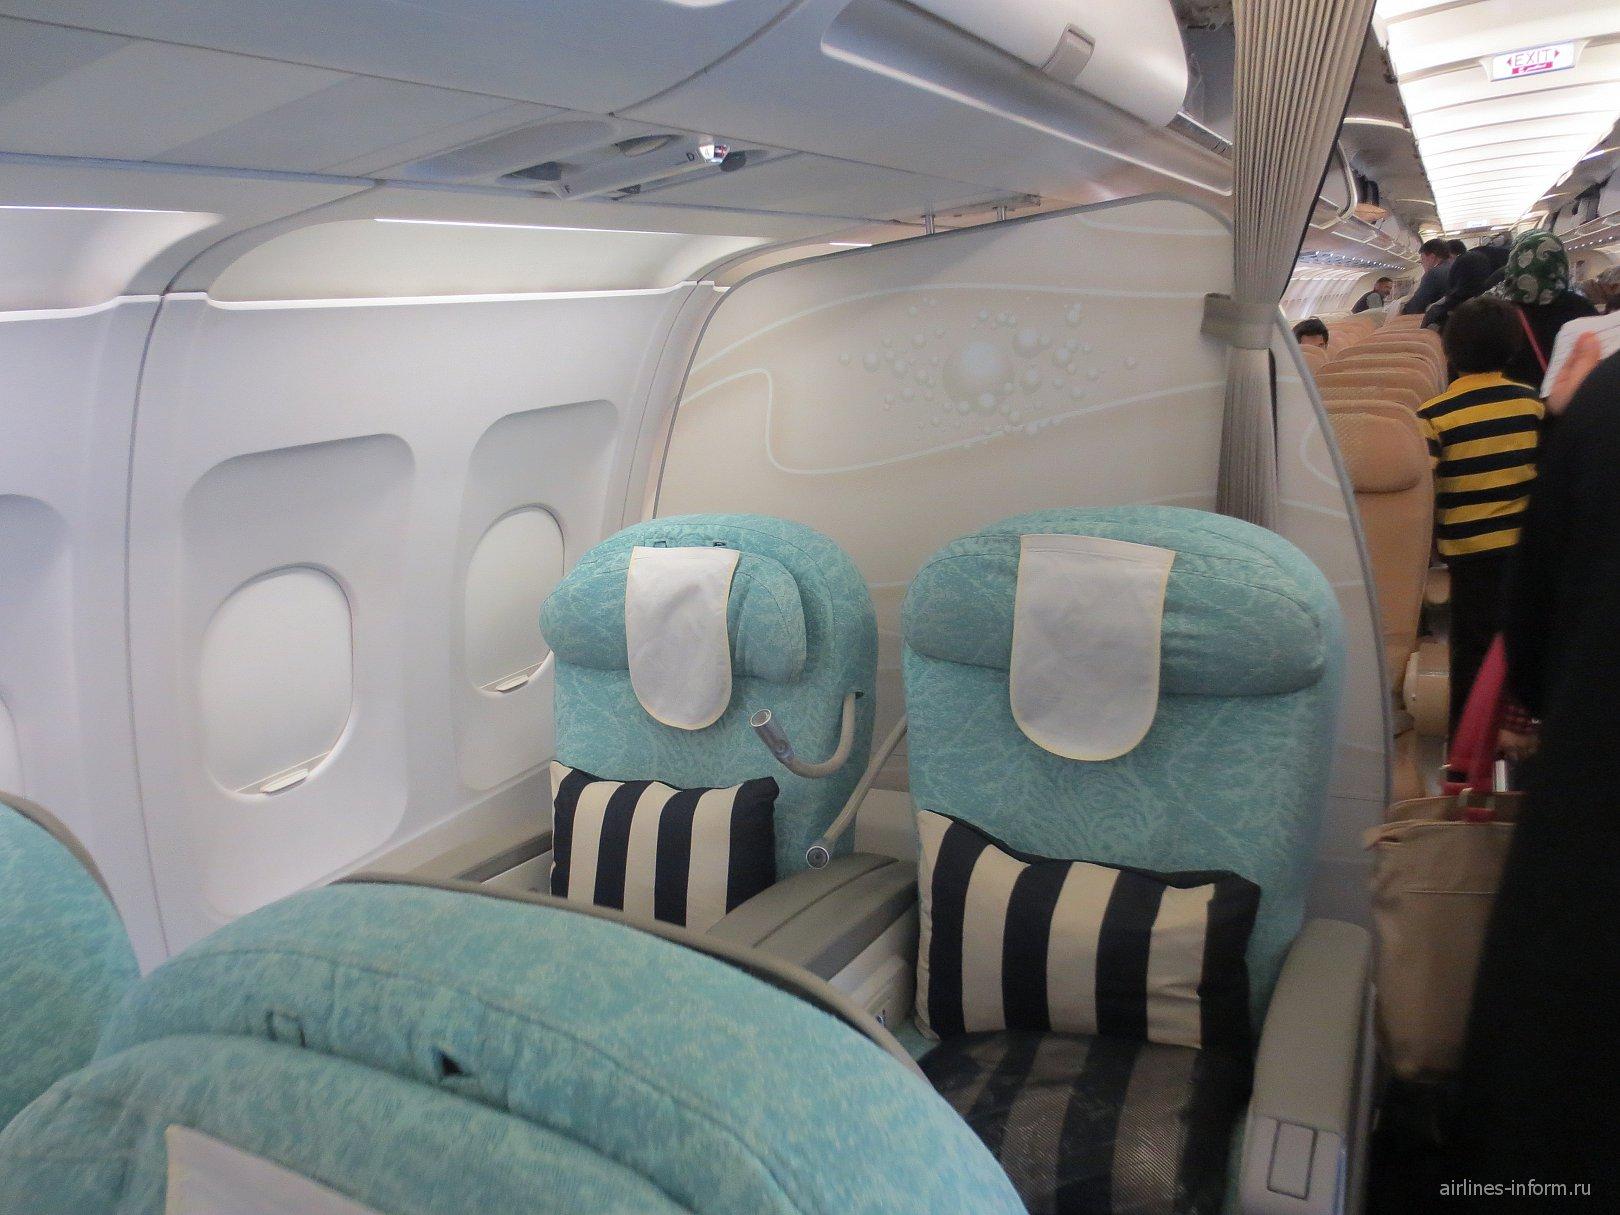 Салон бизнес-класса в самолете Airbus A320 авиакомпании Etihad Airways